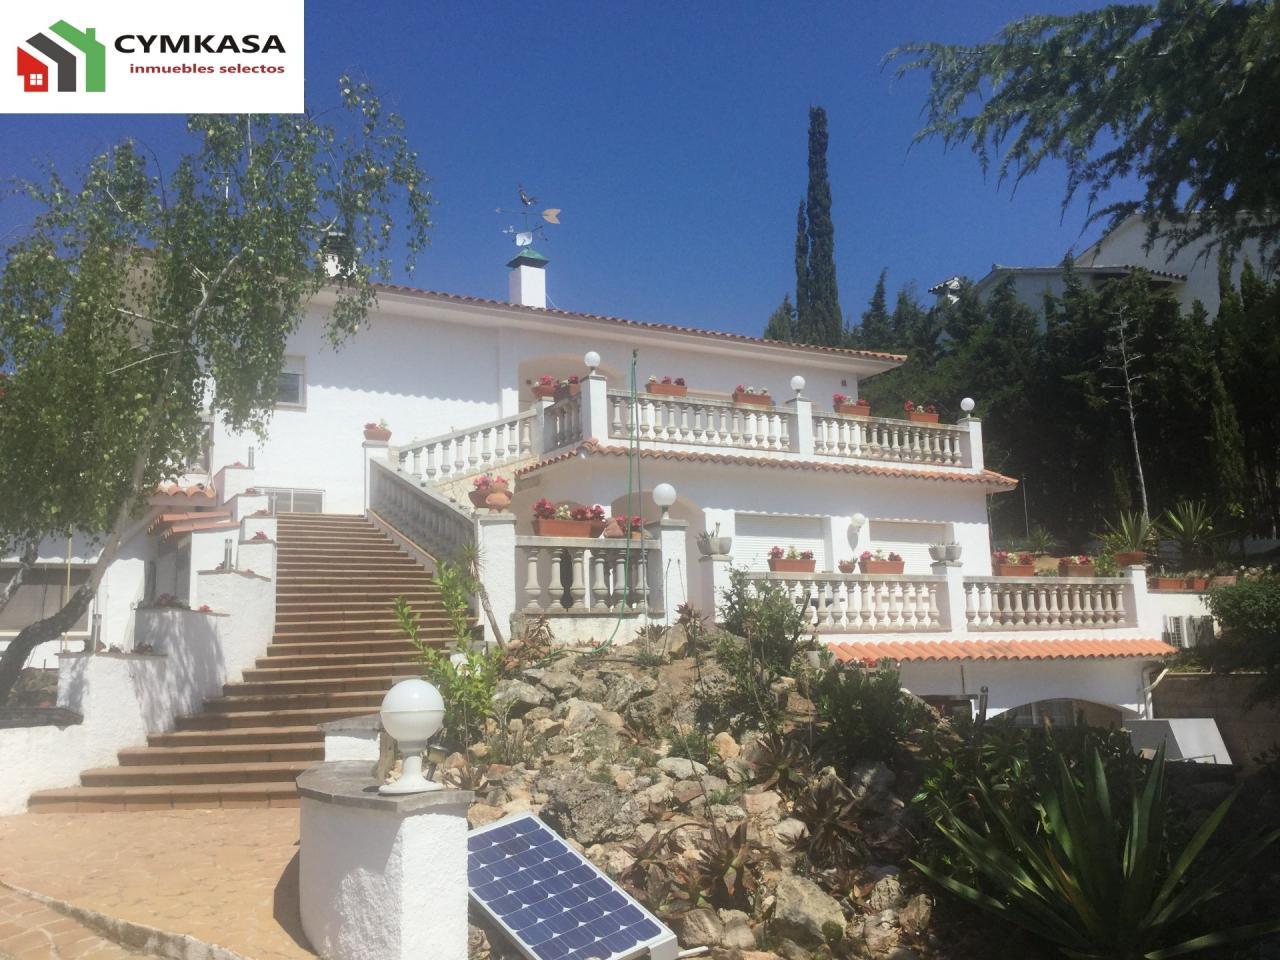 Casa en venta de lujo en Fenals-Santa Clotilde. 850m2 8 Hab 4 baños. Condado del Jaruco